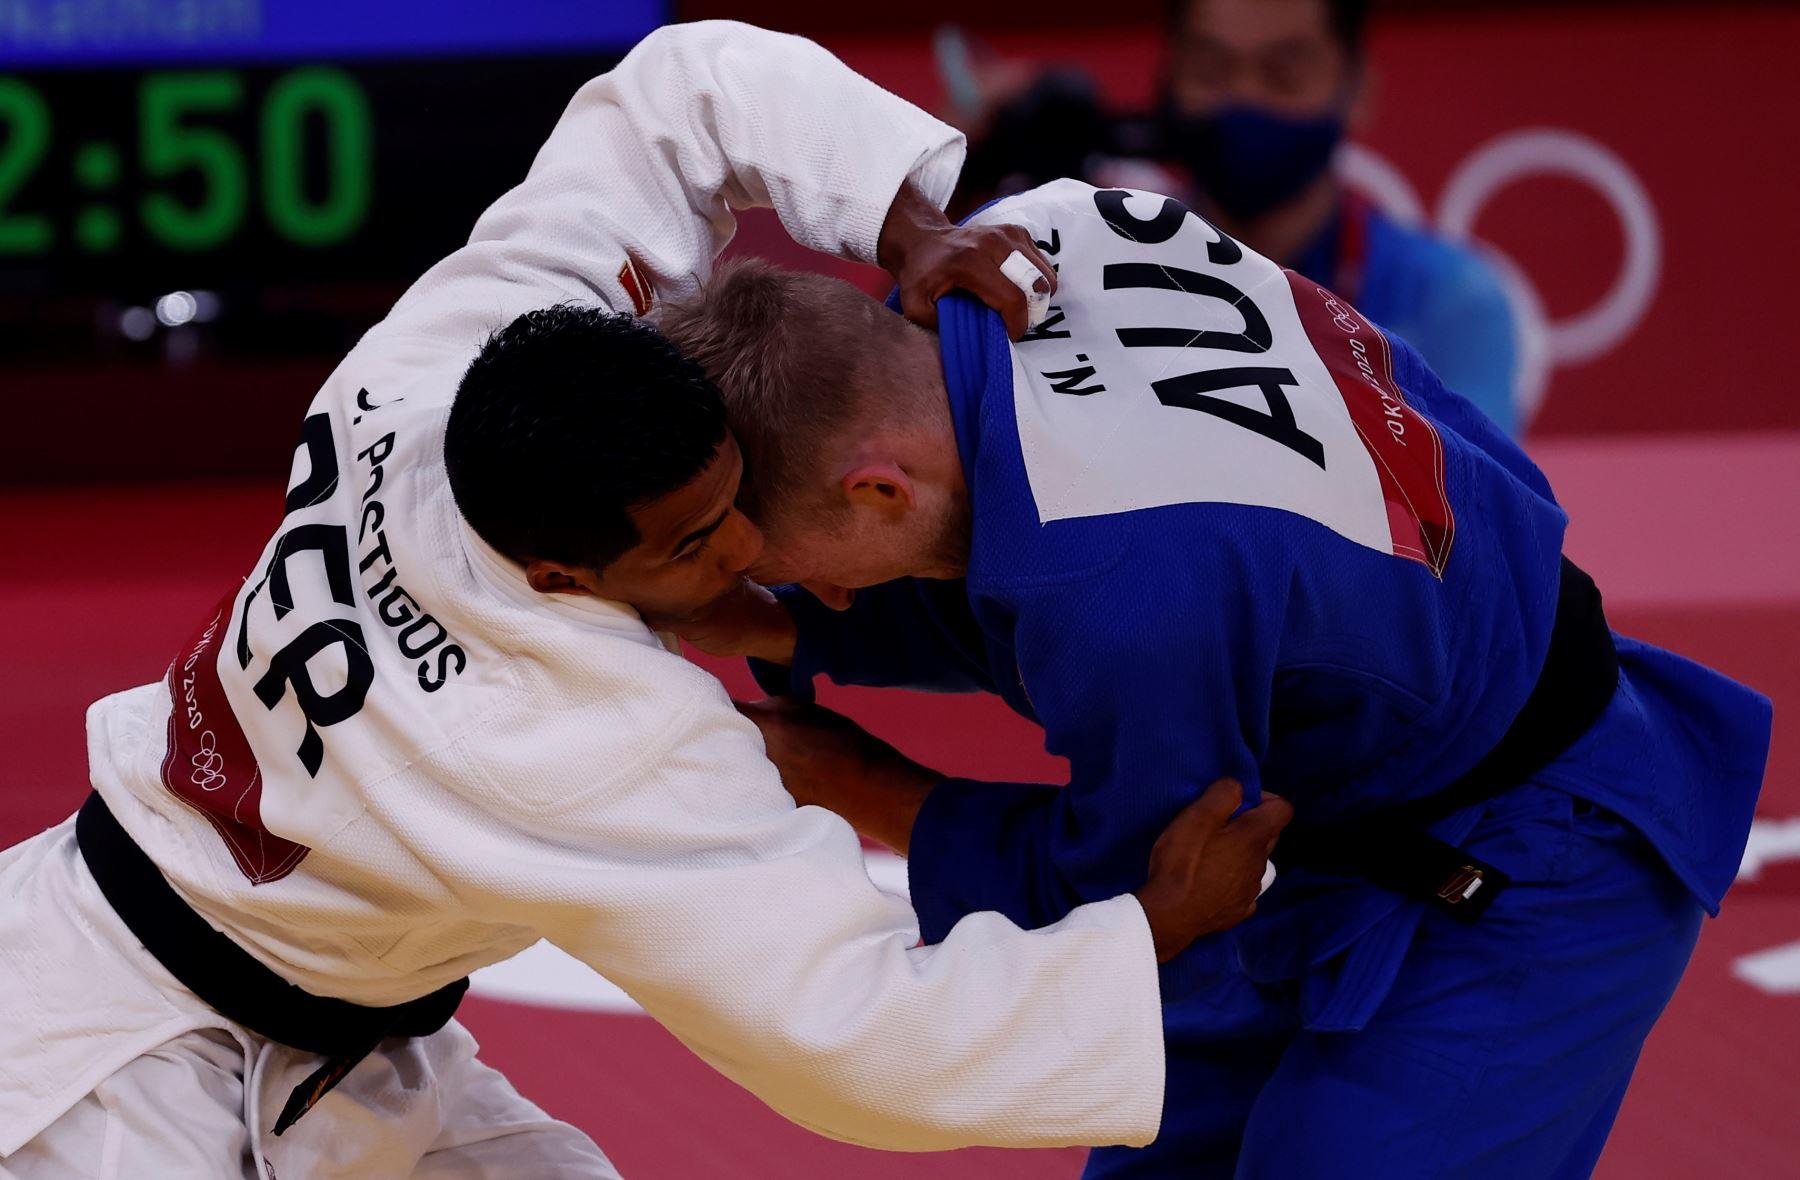 Juan Positgos no pudo y quedó eliminado en judo en Tokio 2020